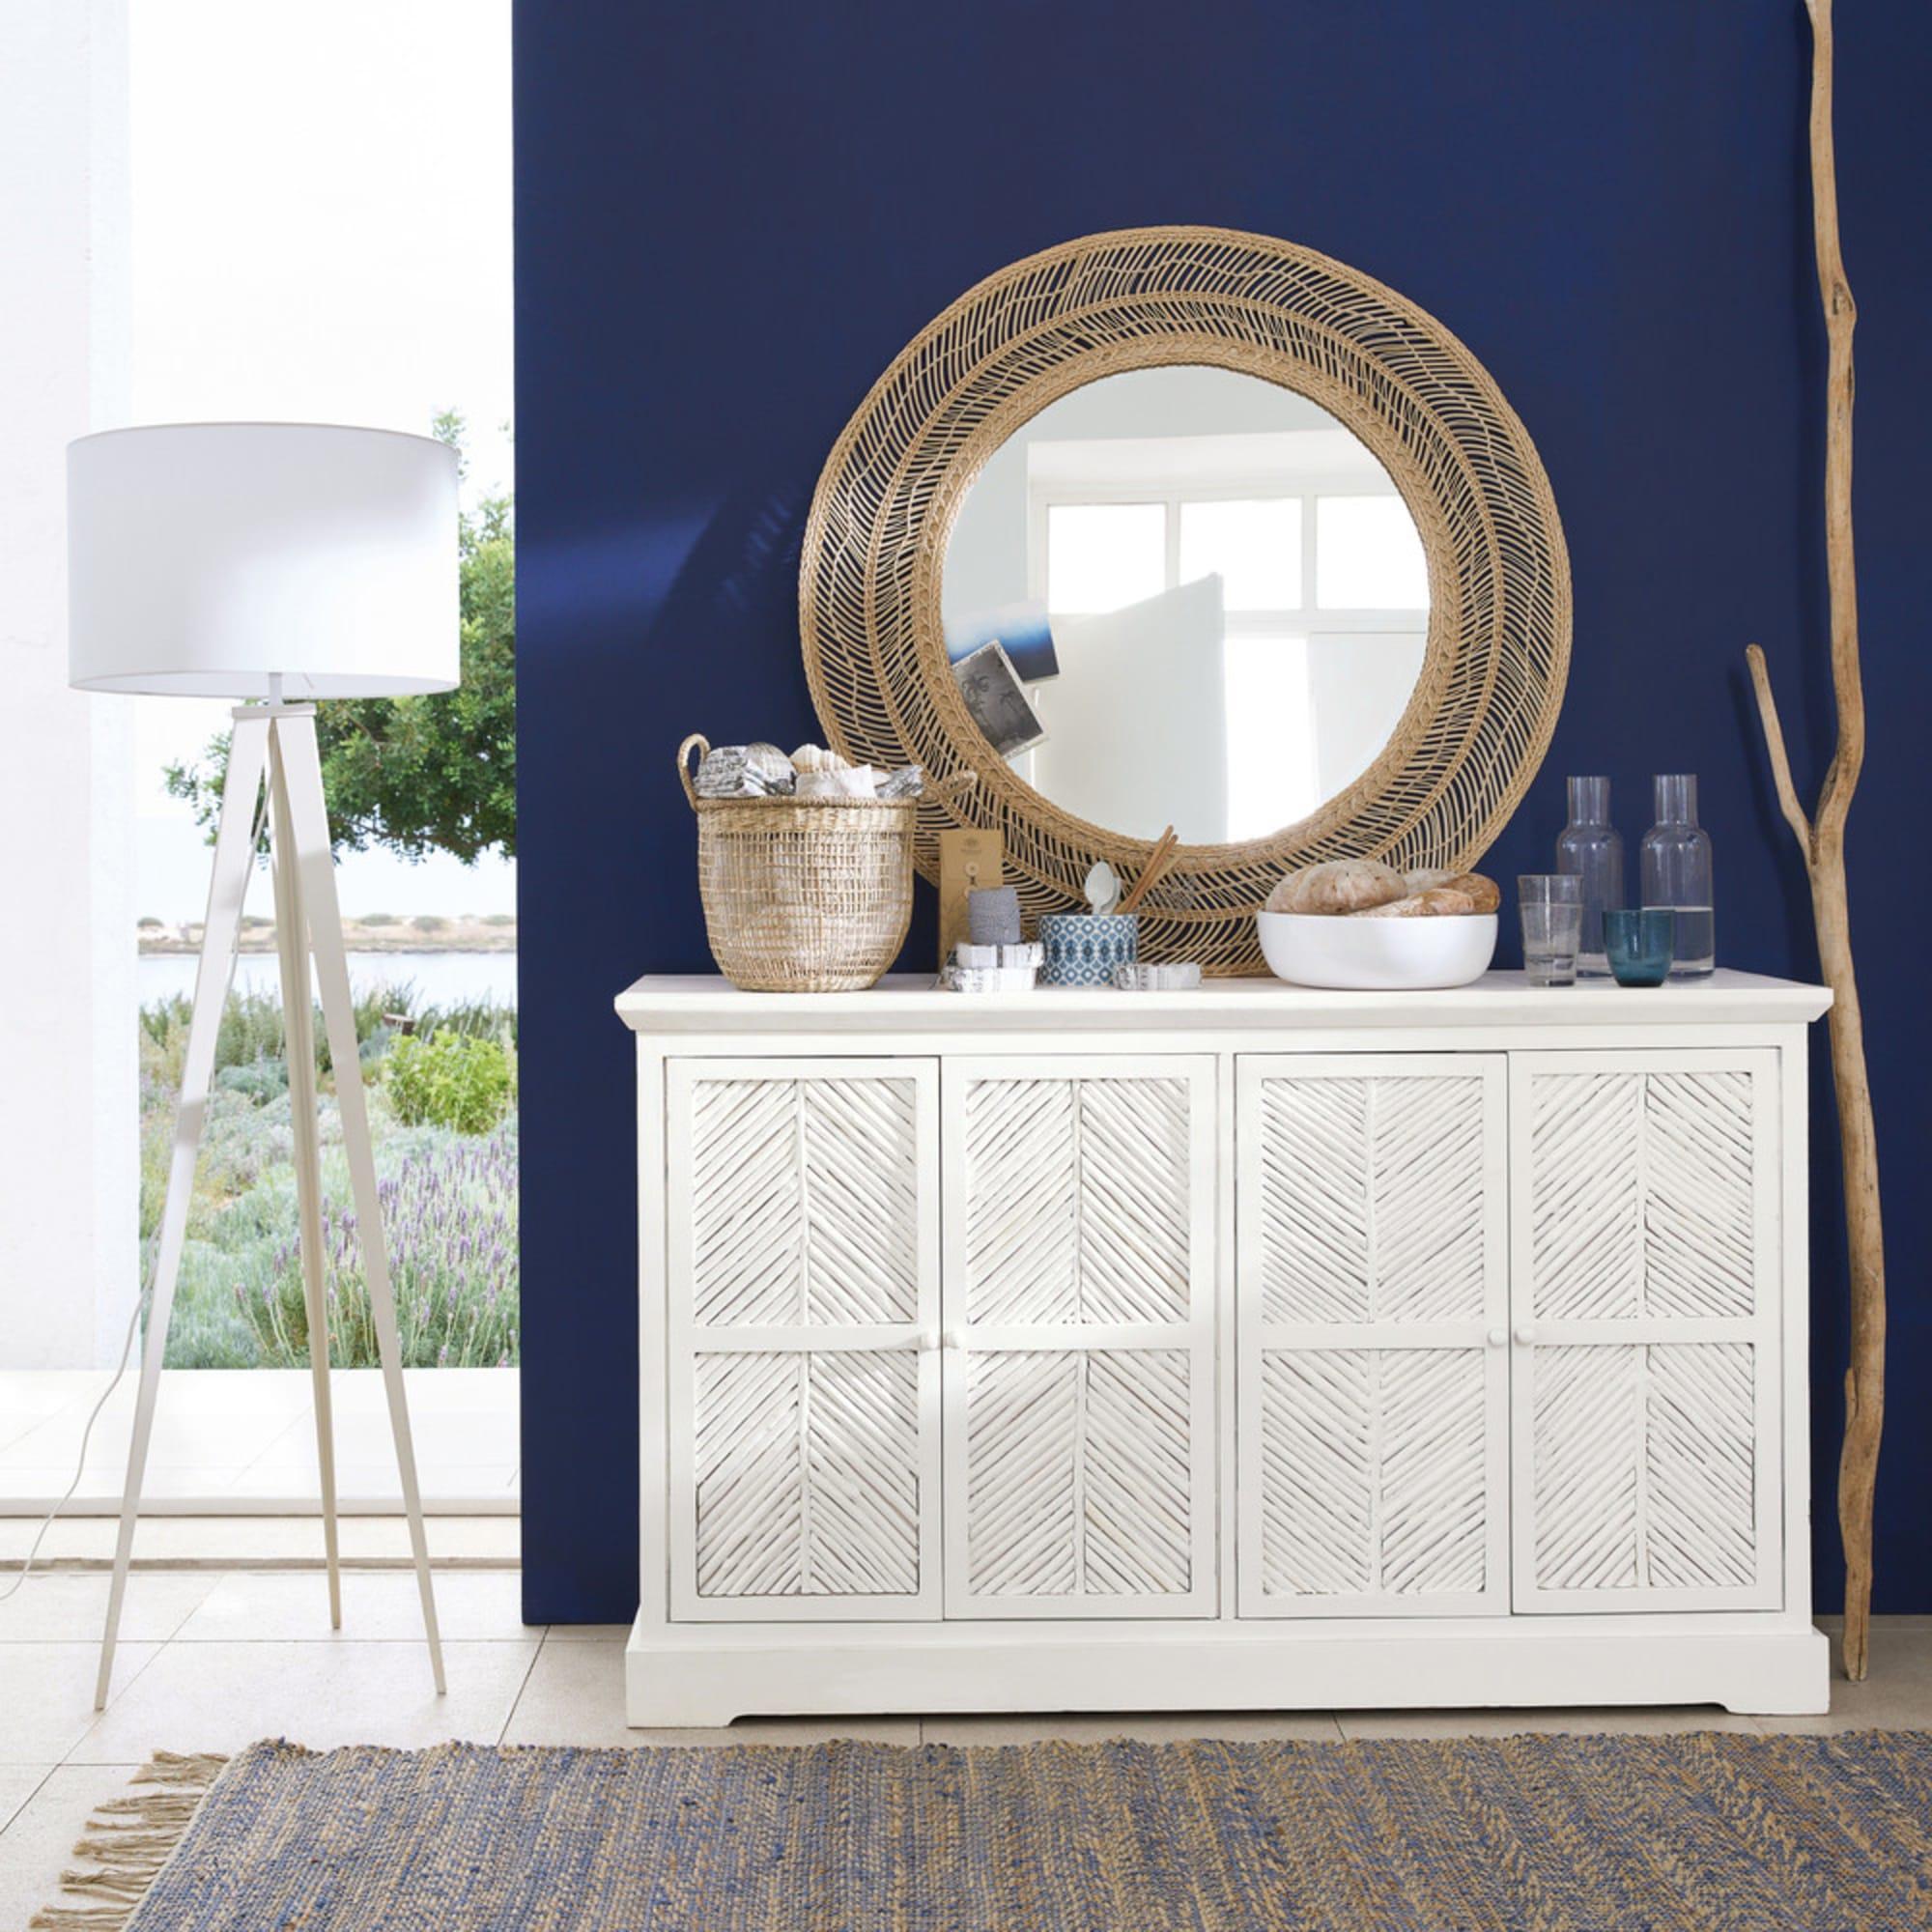 Grand mur classic blue avec du blanc et des matières naturelles